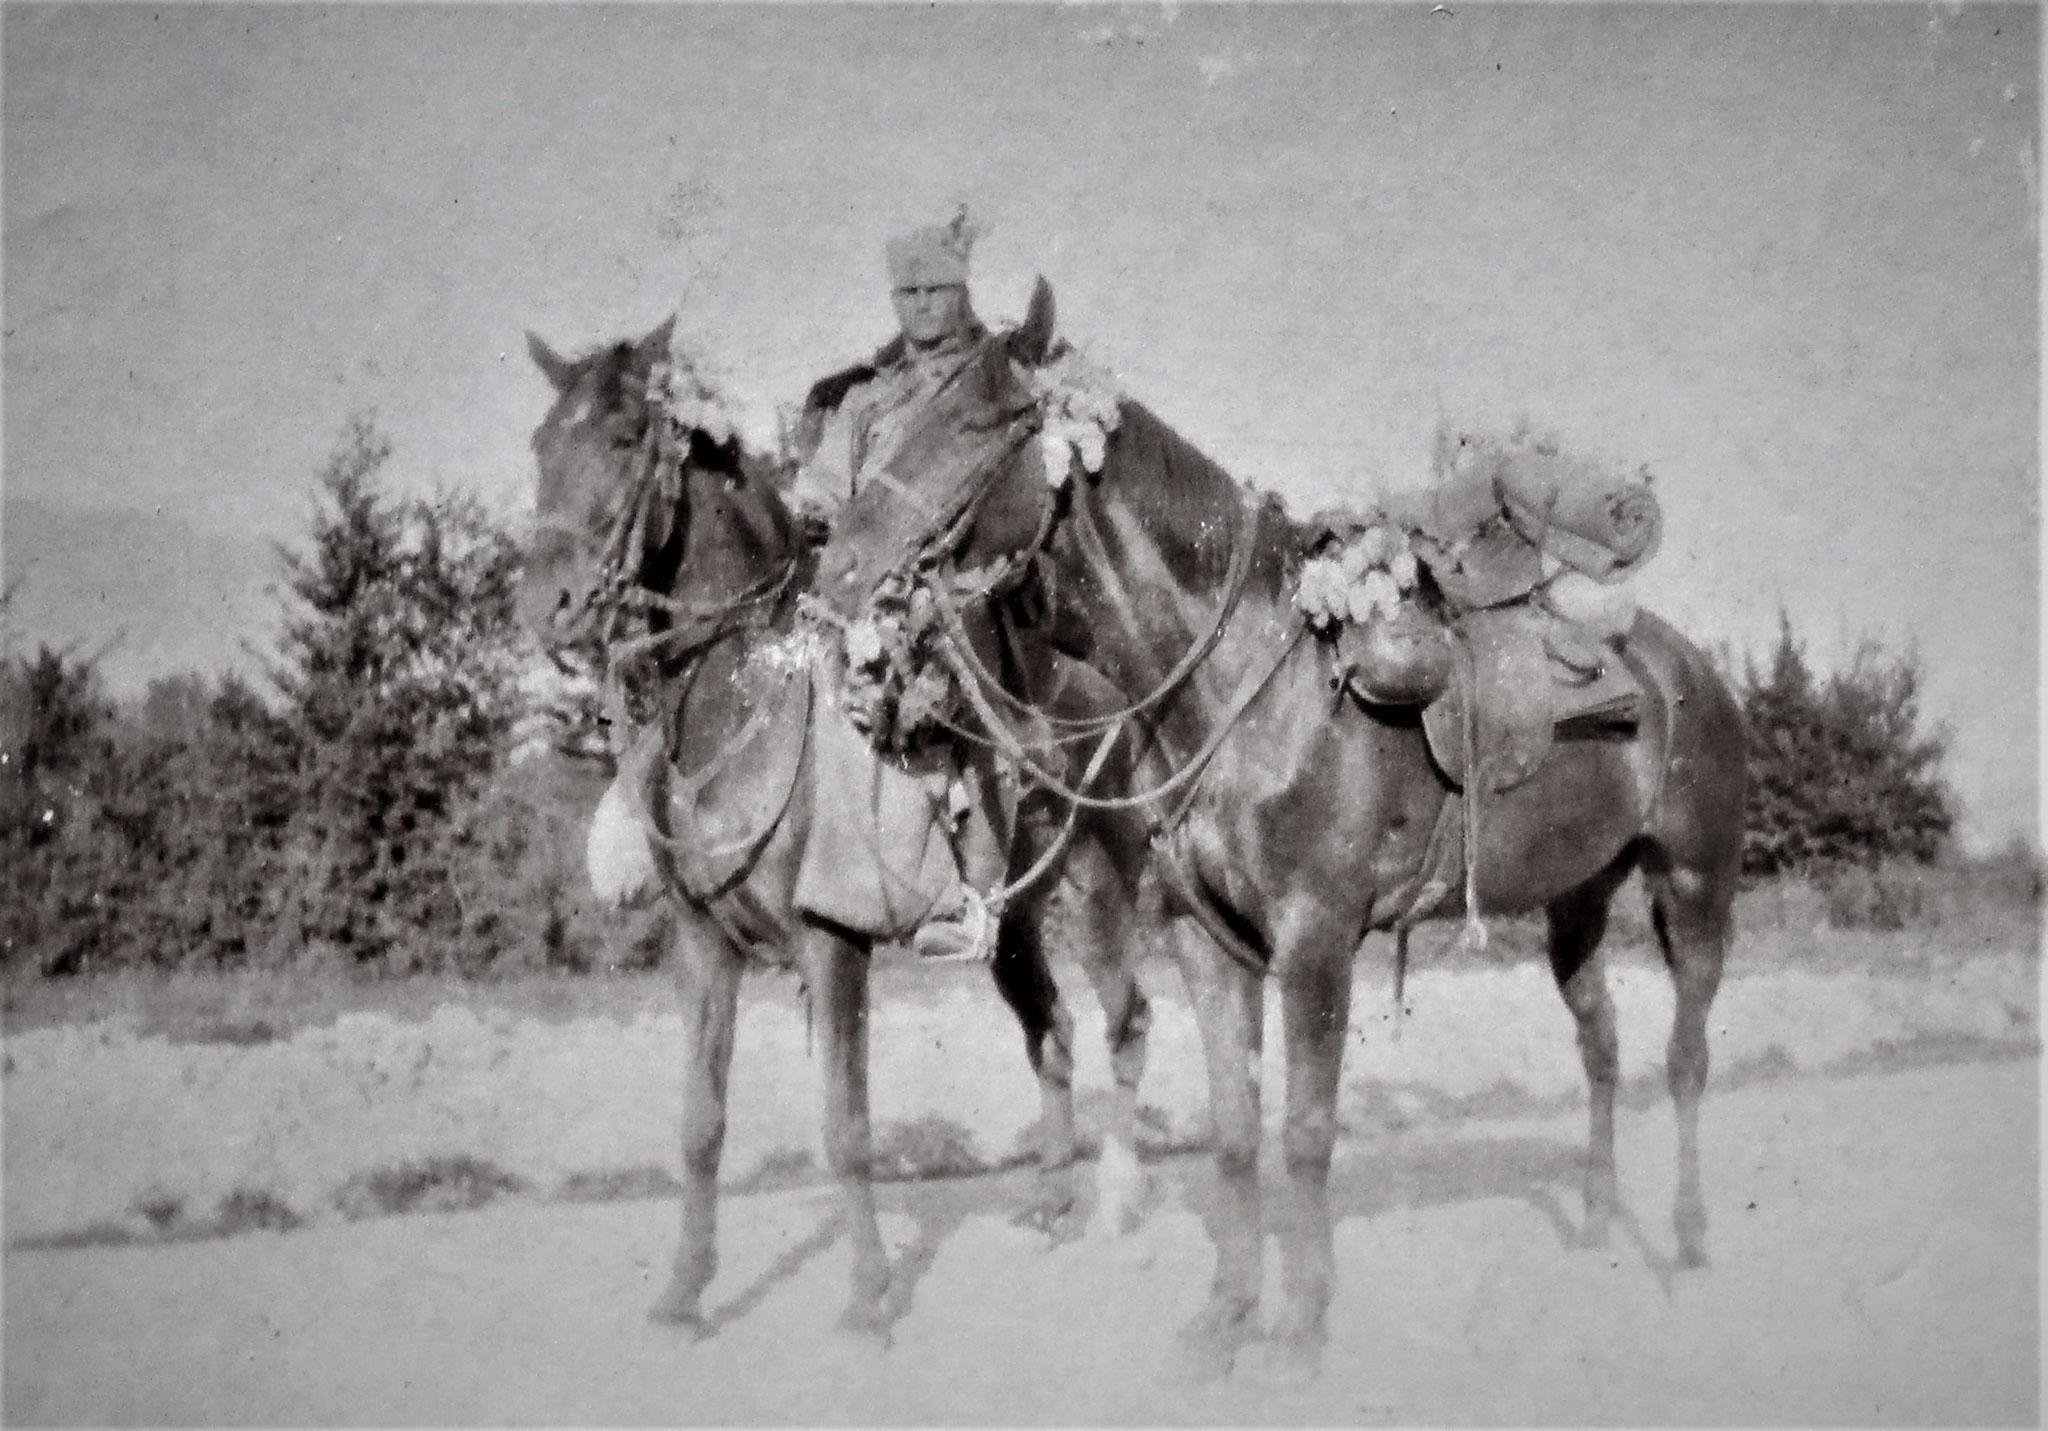 Nepos, das Offz-Chargenpferd Sulkowskis, gehalten von dessen Pferdewärter Drag. Tassolt.